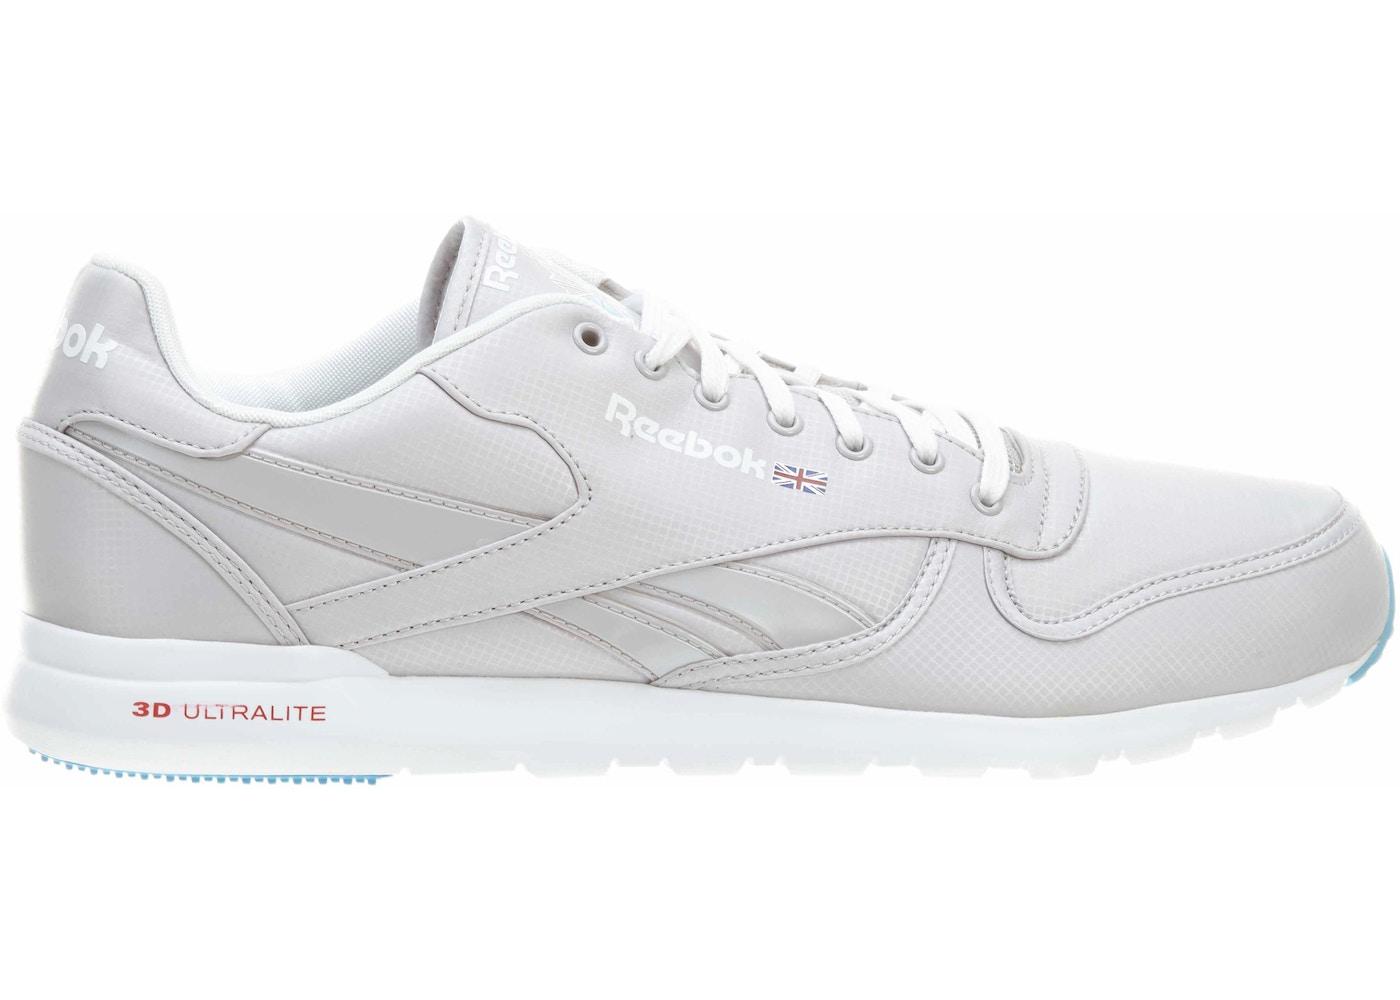 ... Ultralite Ex  Buy Reebok Size 13 Shoes Deadstock Sneakers  Reebok  classics ... 6487d7133